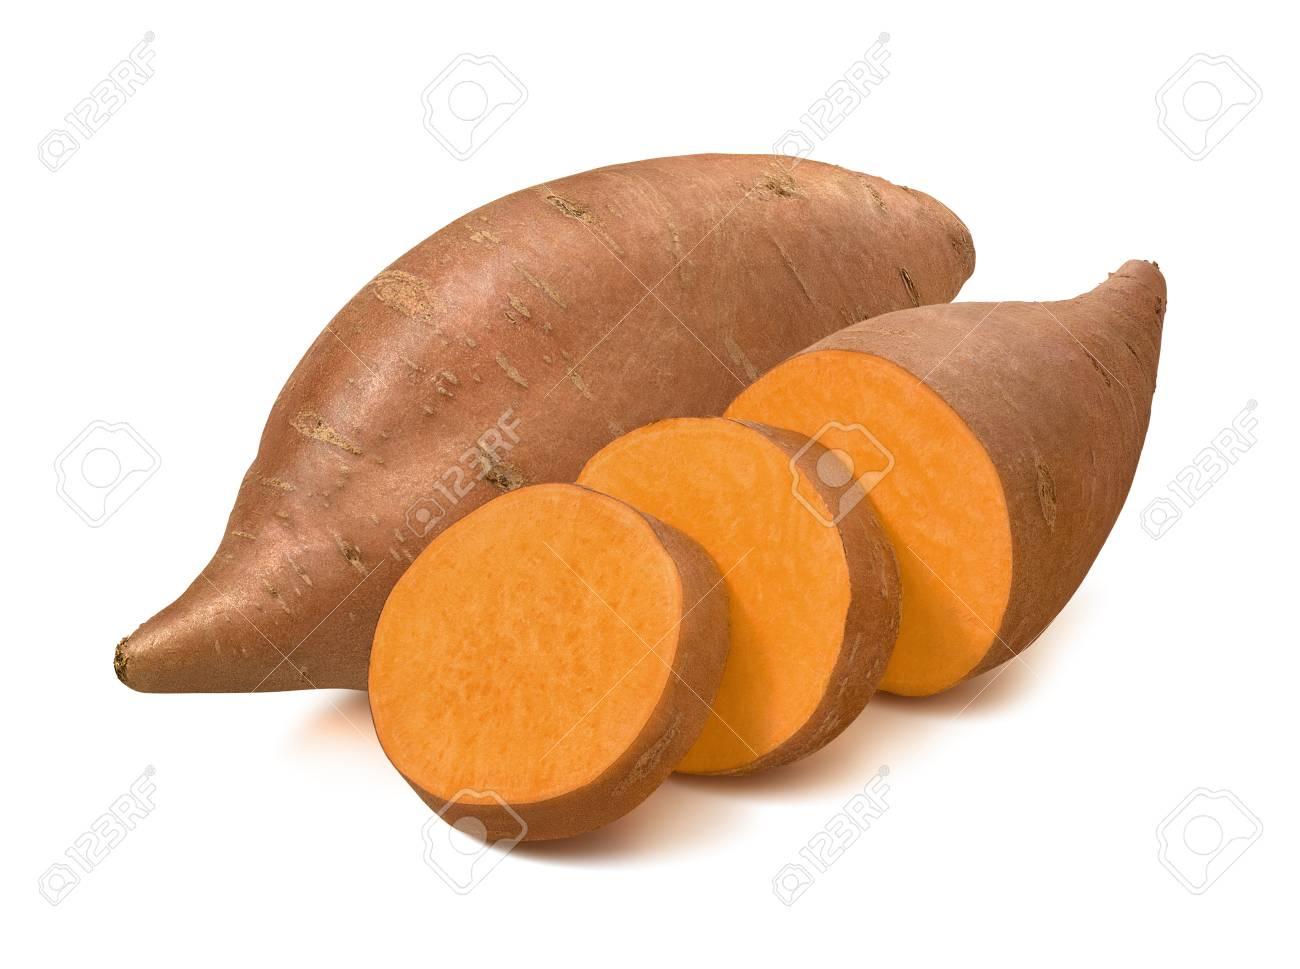 Sweet potato or yams isolated on white background. - 101039955